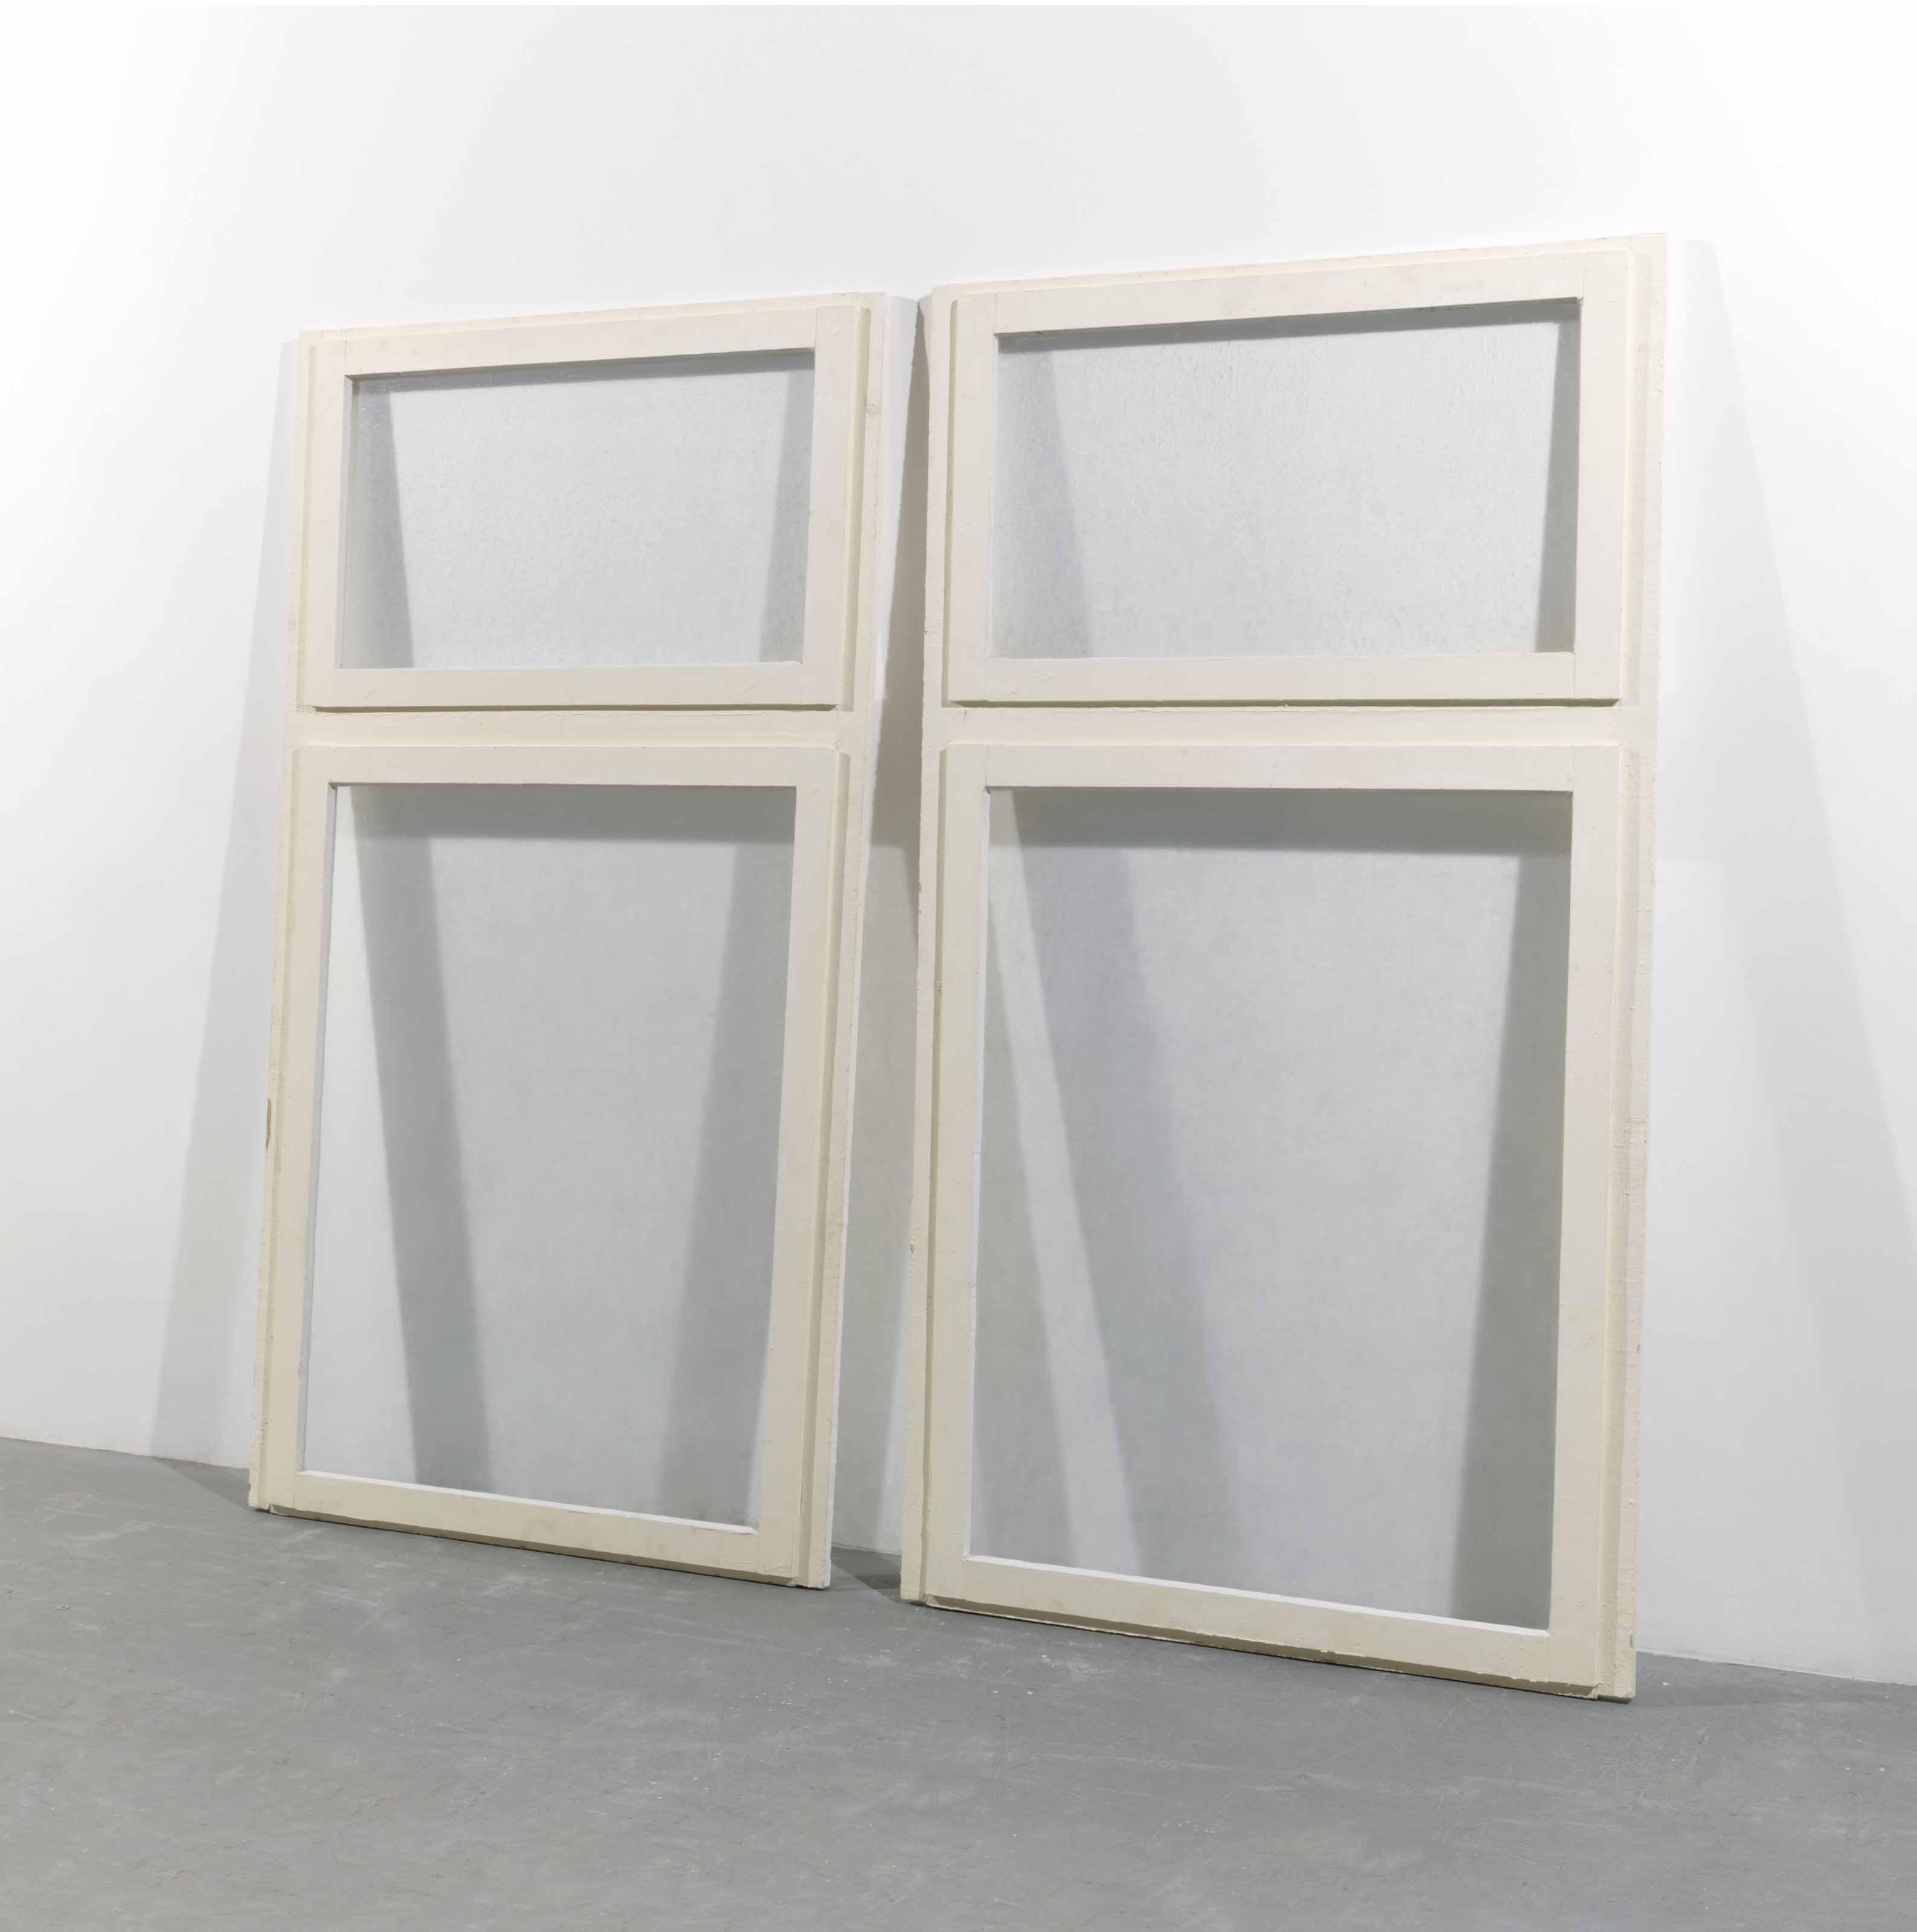 (i)(ii) Fenster (Window)